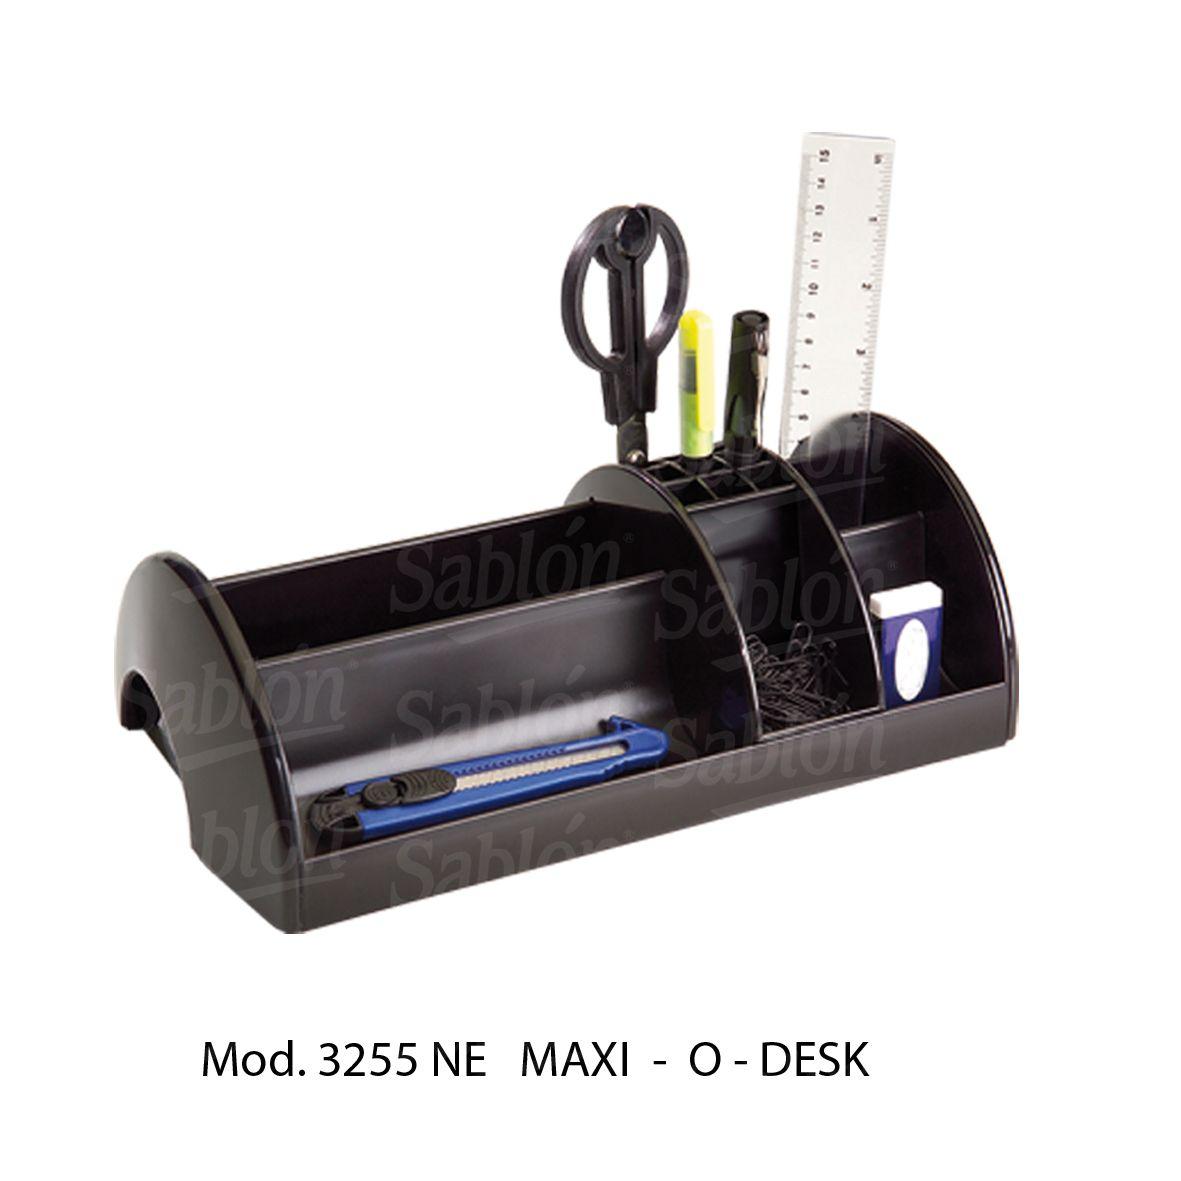 Maxi o desk mod 3255 articulos de oficina sablon for Imagenes de articulos de oficina